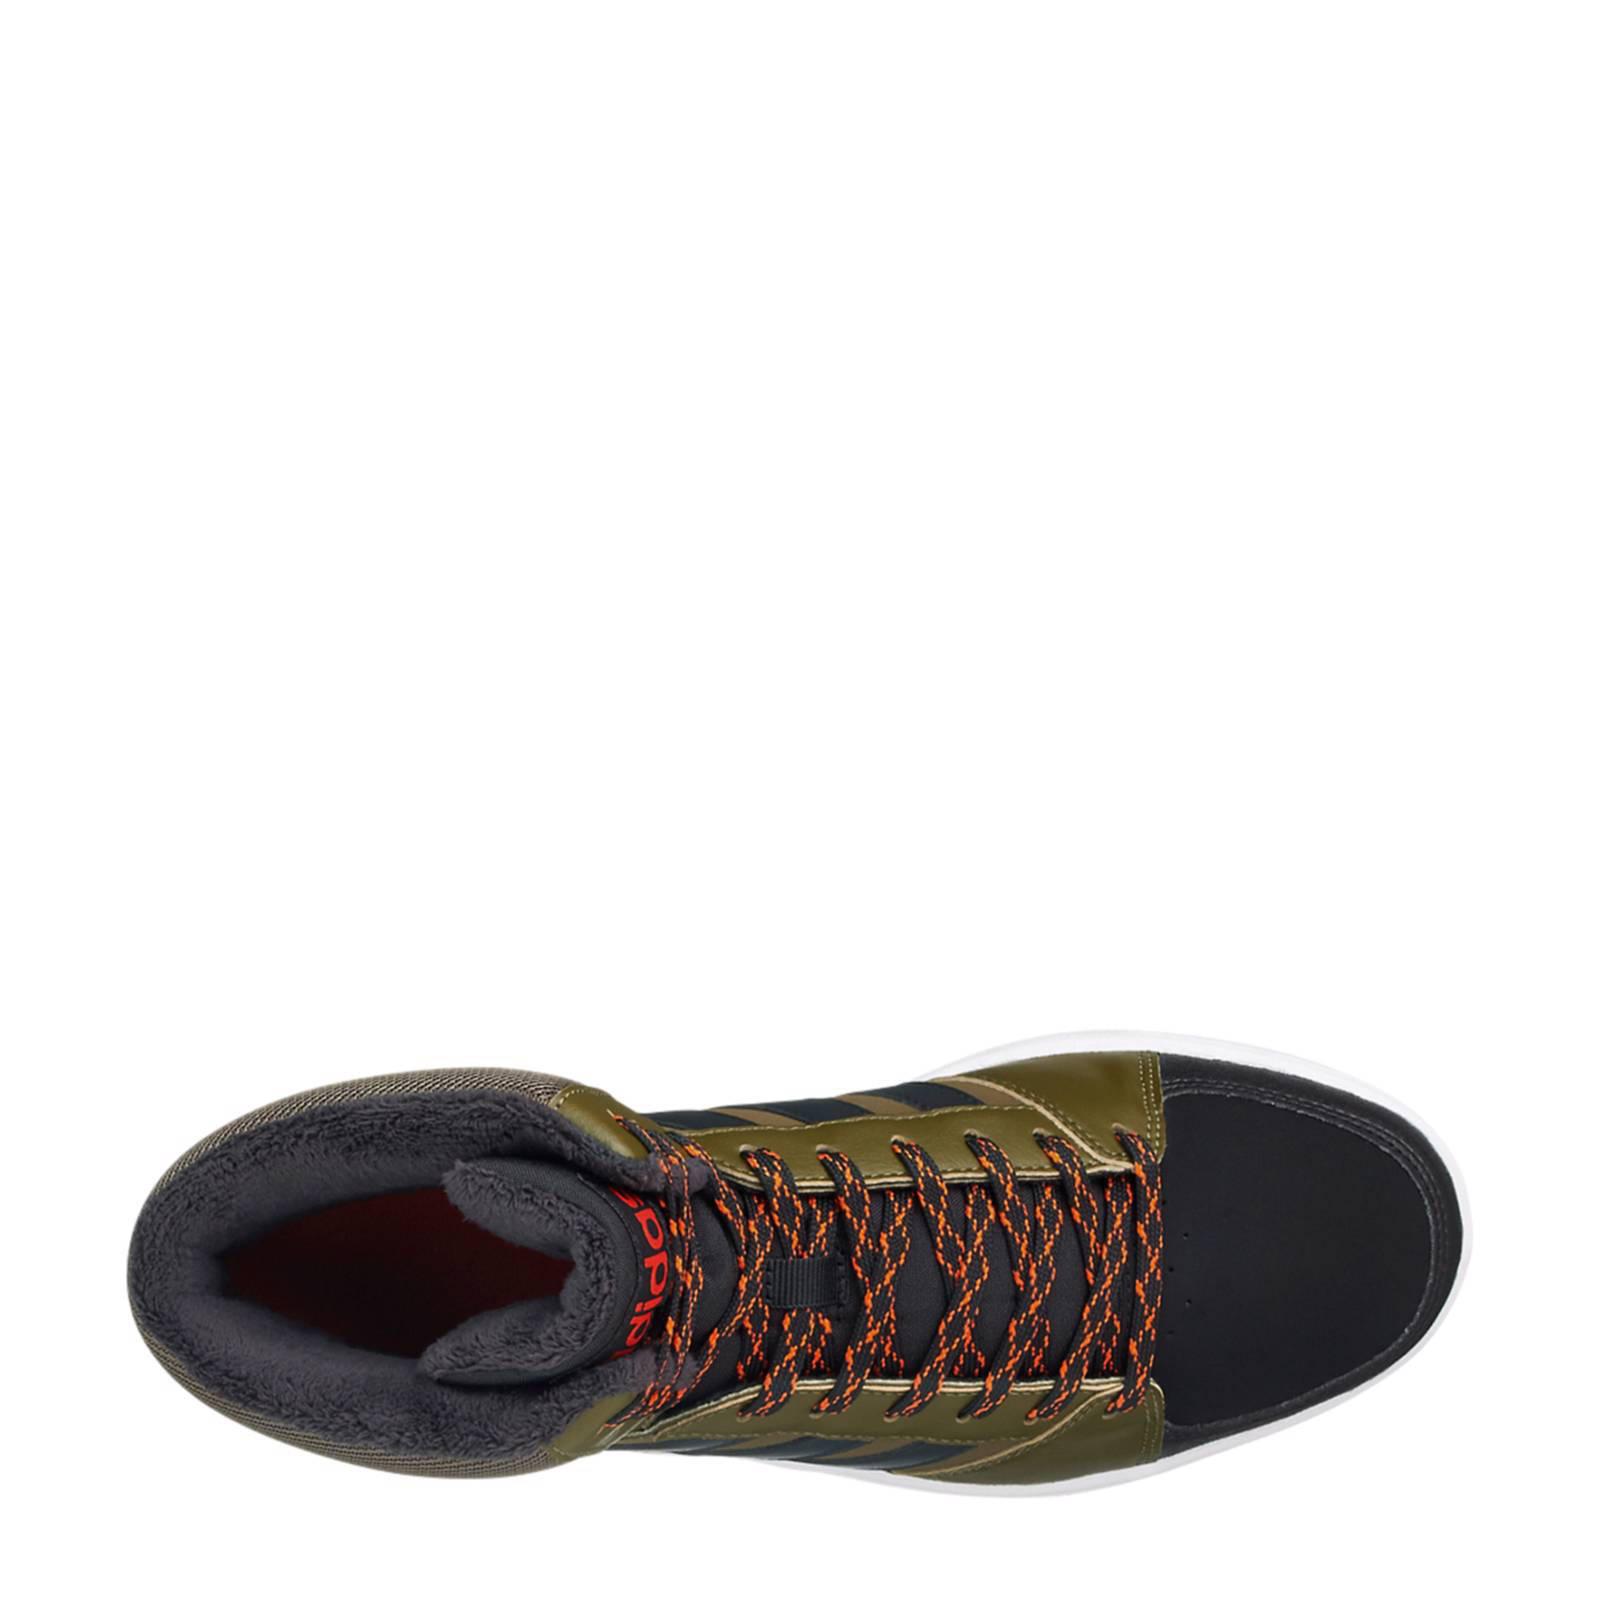 adidas Hoops VS Mid gevoerde leren sneakers   wehkamp